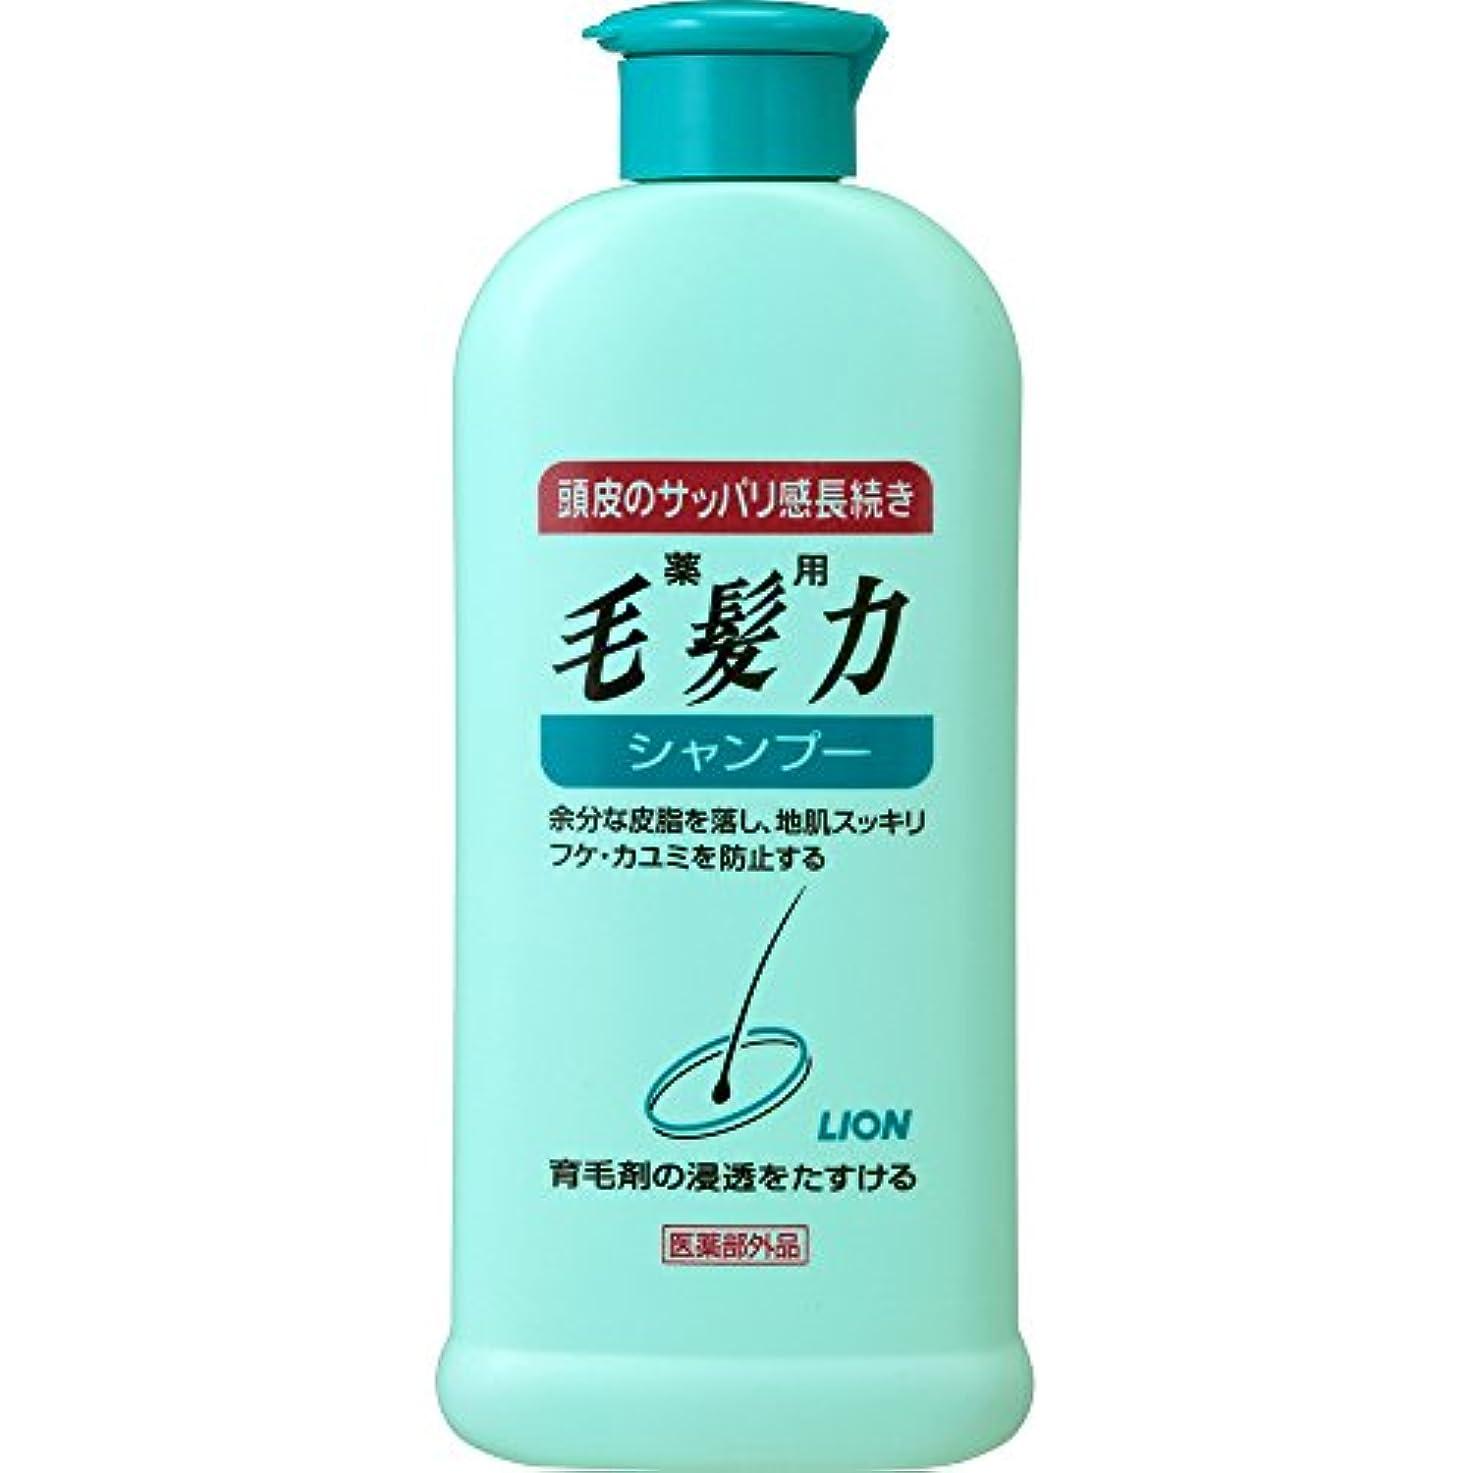 メロディアスこねるシード薬用毛髪力 シャンプー 200ml(医薬部外品)